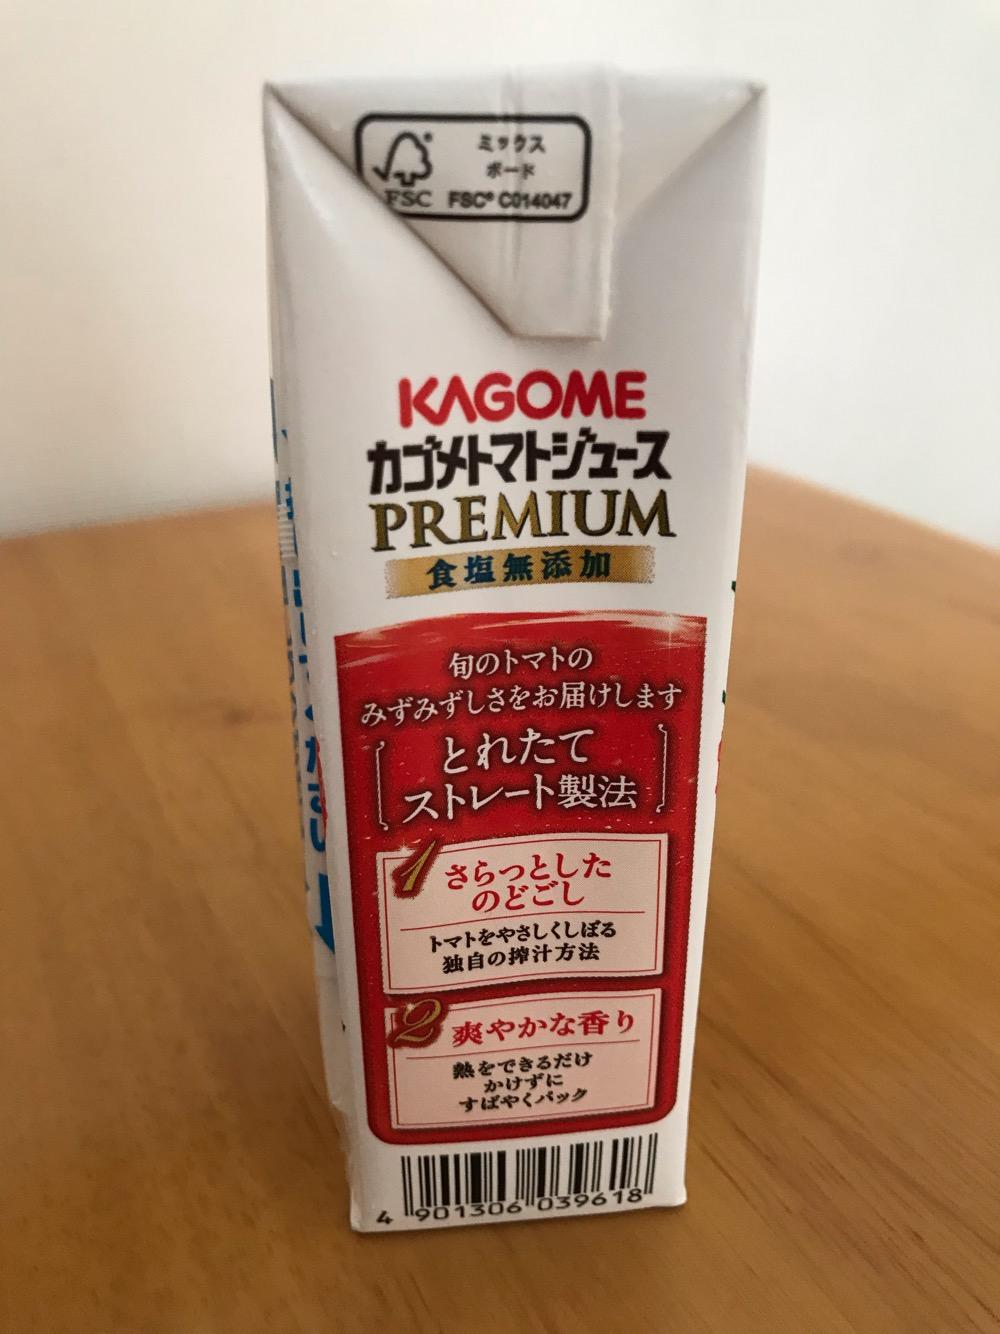 カゴメトマトジュース プレミアム 食塩無添加 2019 数量限定(側面-製法)